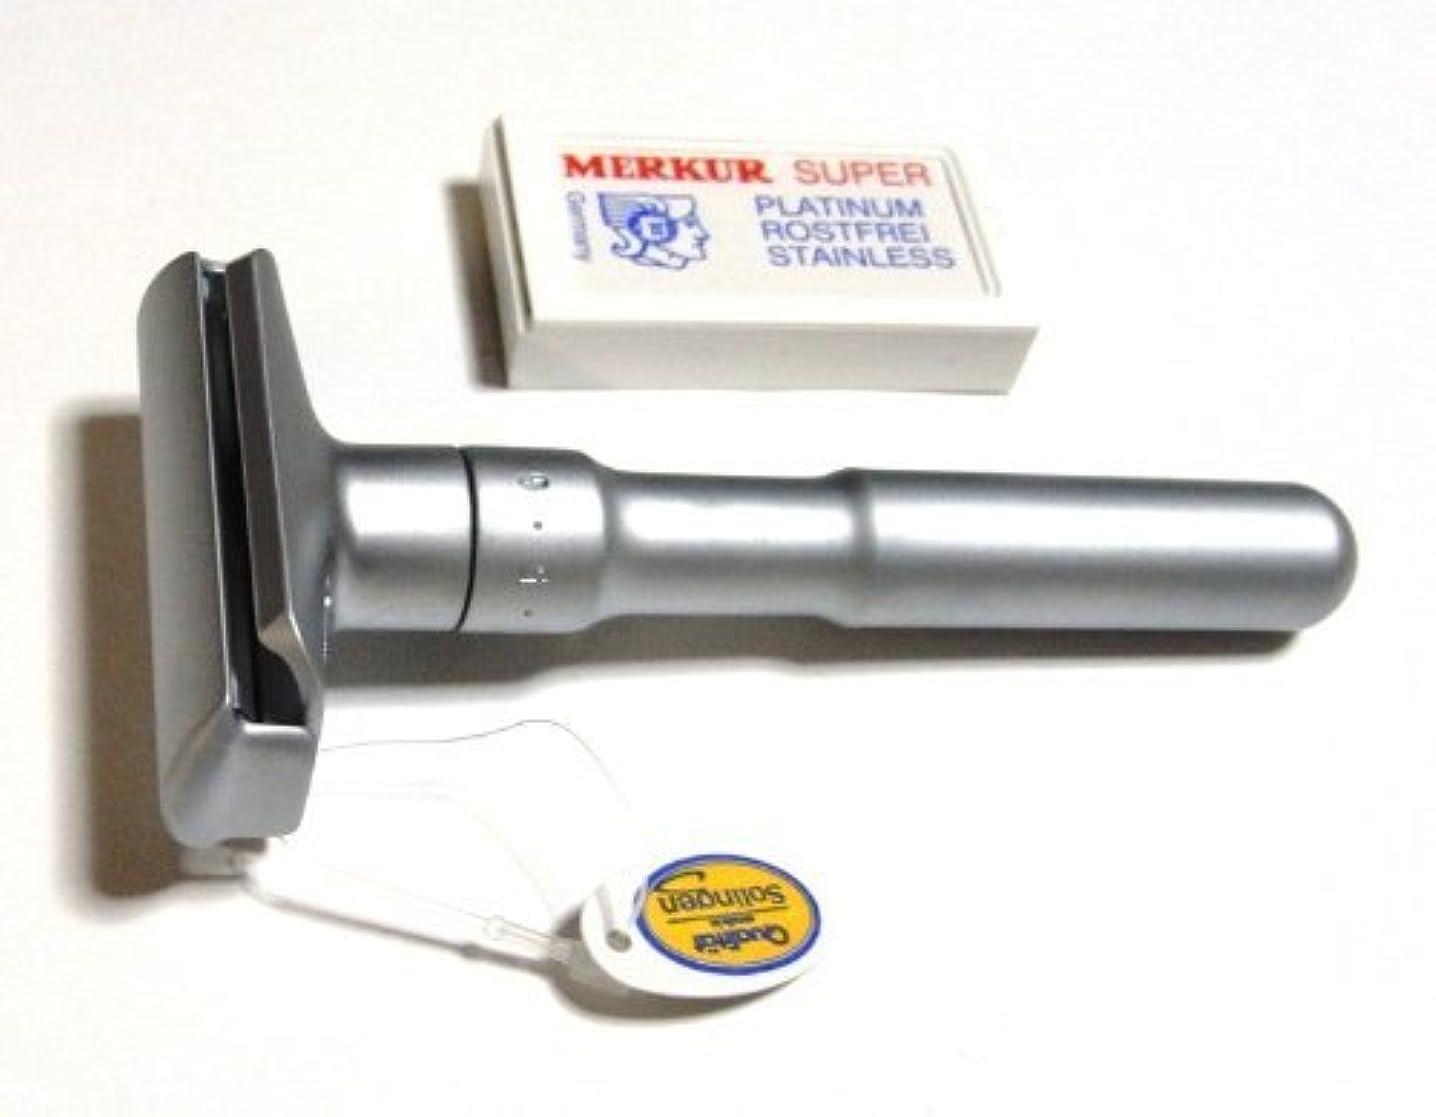 余暇同志陽気なメルクールMERKUR(独) 髭剃り(ひげそり)両刃ホルダーFUTUR 700S 角度調節機能付 サテン(替刃10+1枚付)